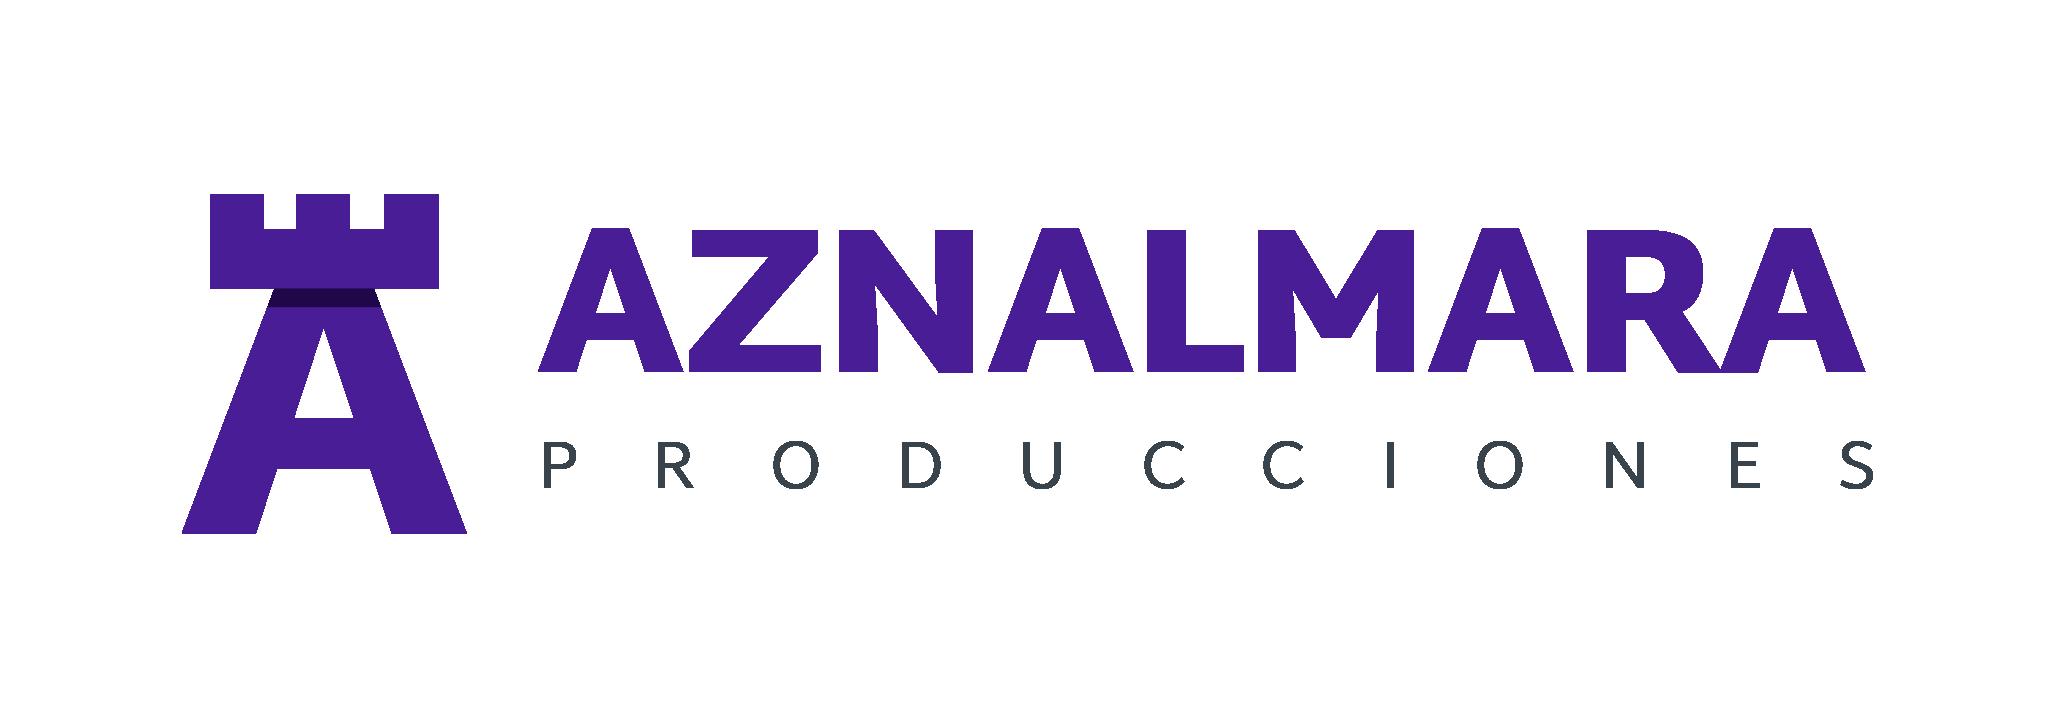 LOGO_AZNALMARA®_PRODUCCIONES_MORADO_FONDO_TRANSPARENTE_IZQDA